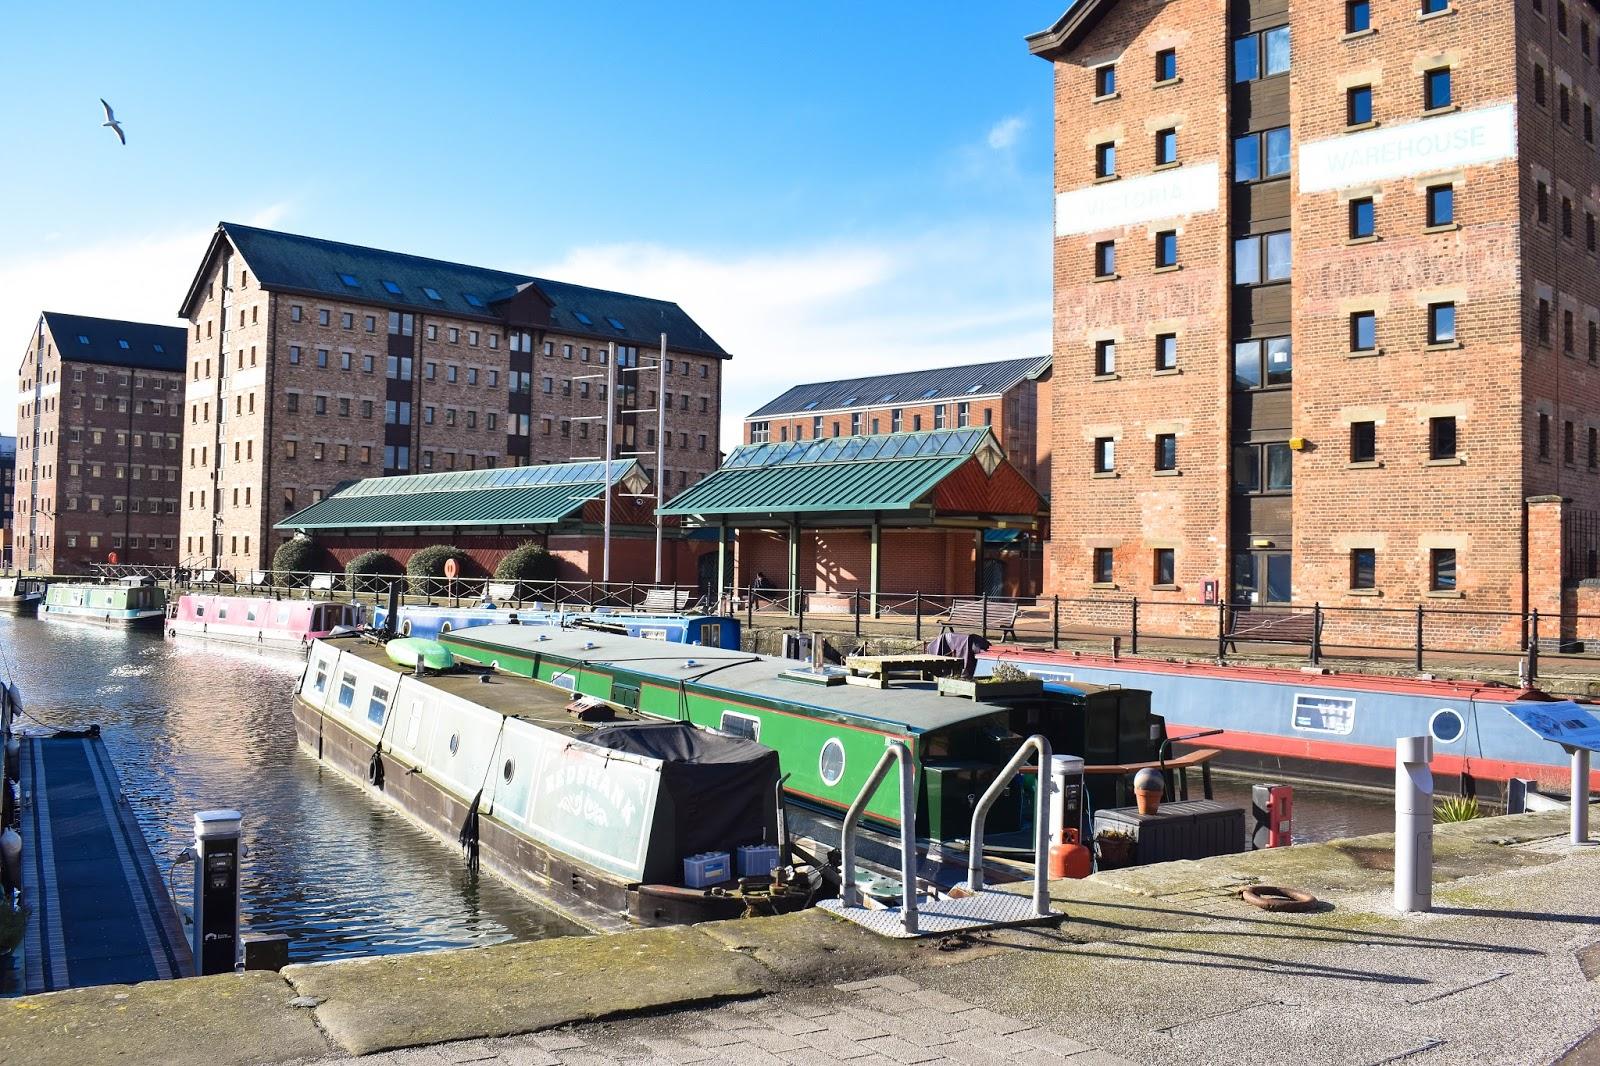 lebellelavie - Explorin' Gloucester Docks and City